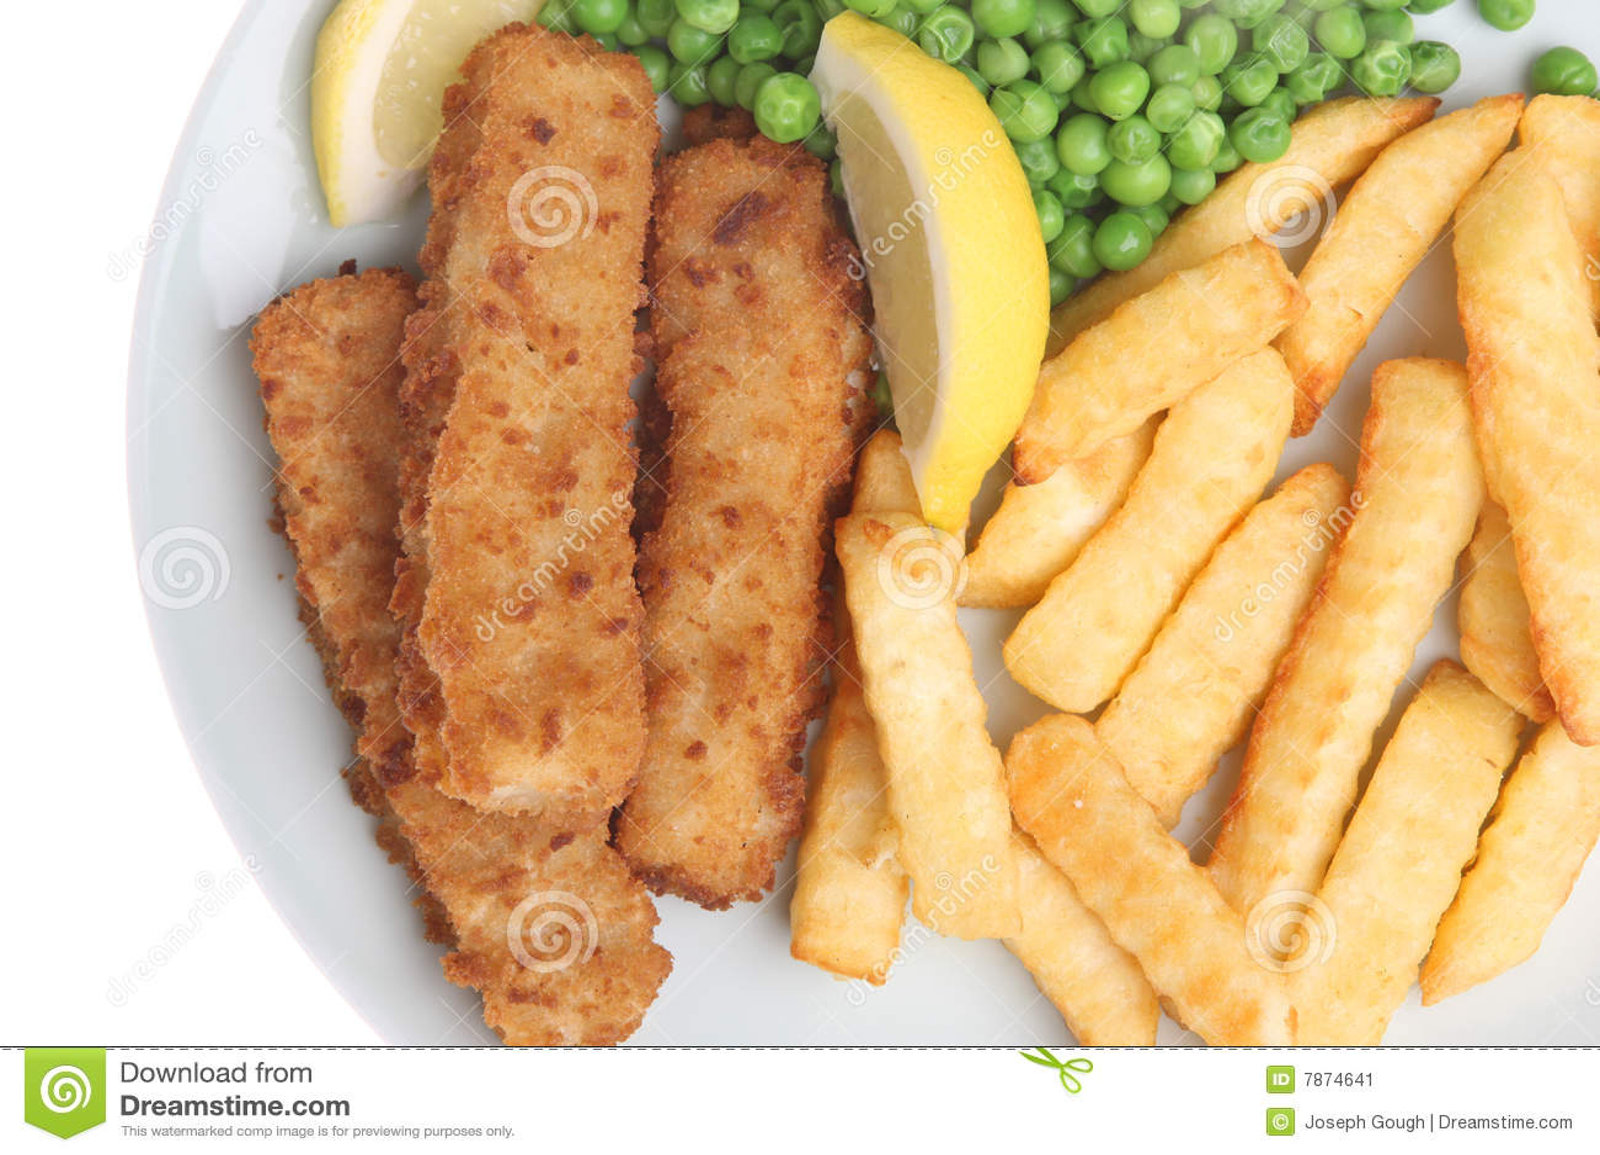 小班手指点画鱼图片展示图片